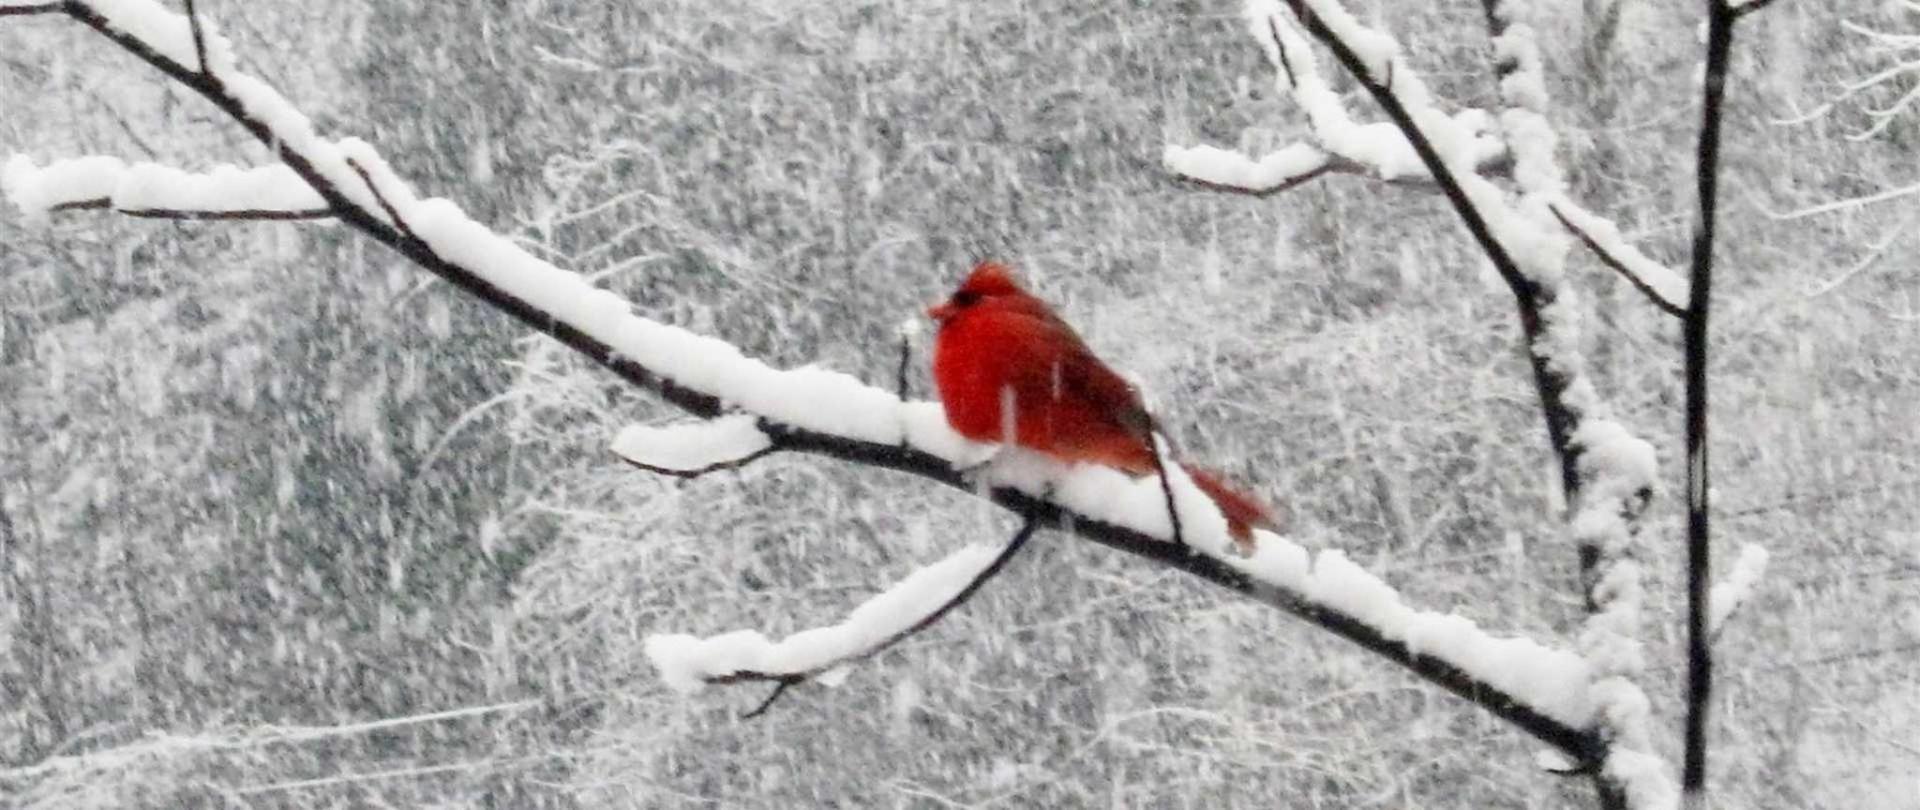 2012-02-birds-snow-009.JPG.1920x810_default.jpeg